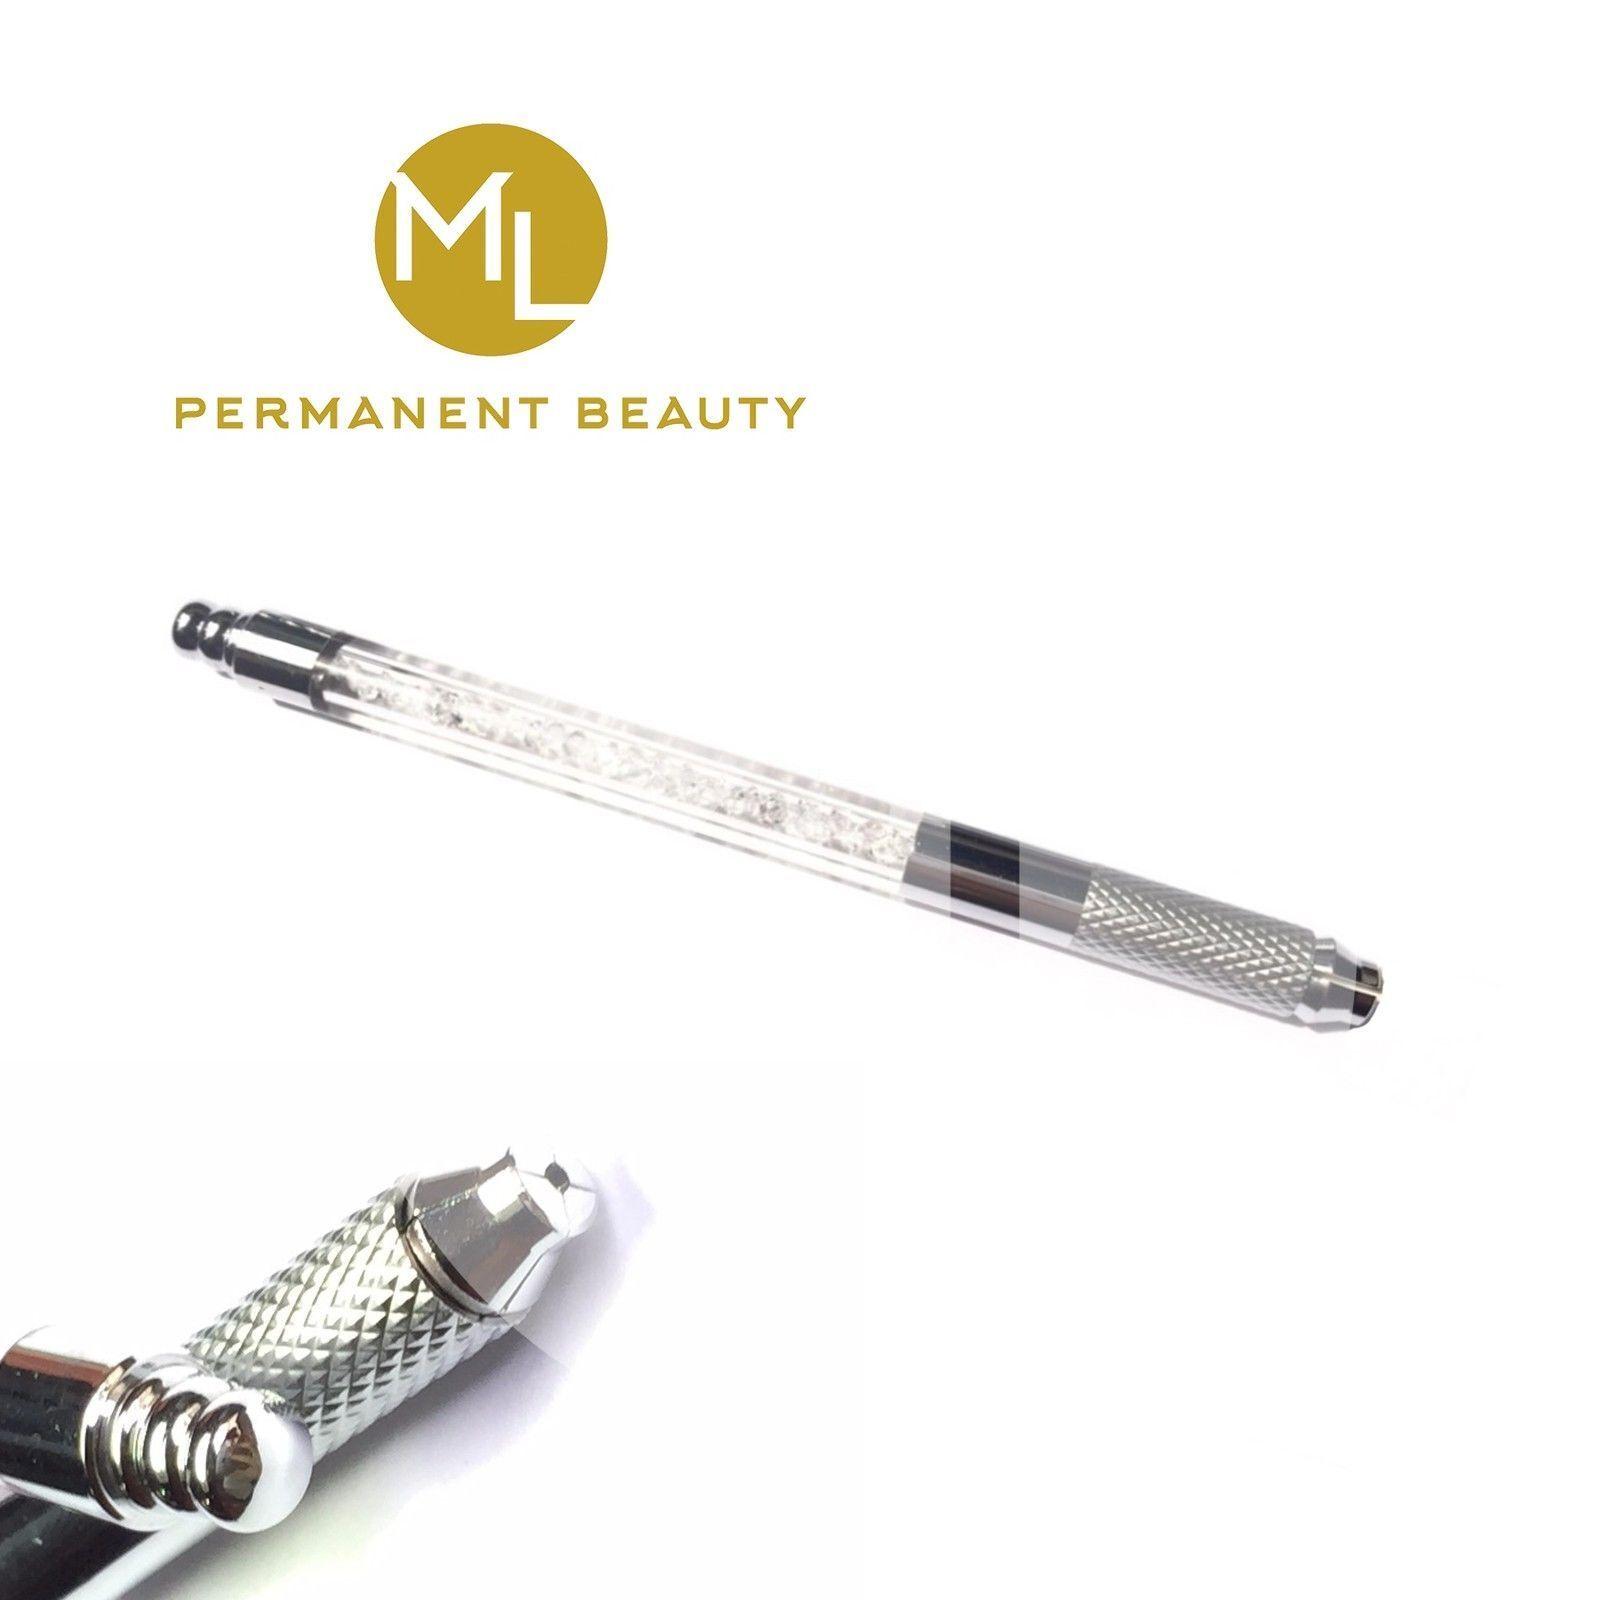 Microblading Stift Manuell Pen Permanent Makeup Gerät + Nadel, Set